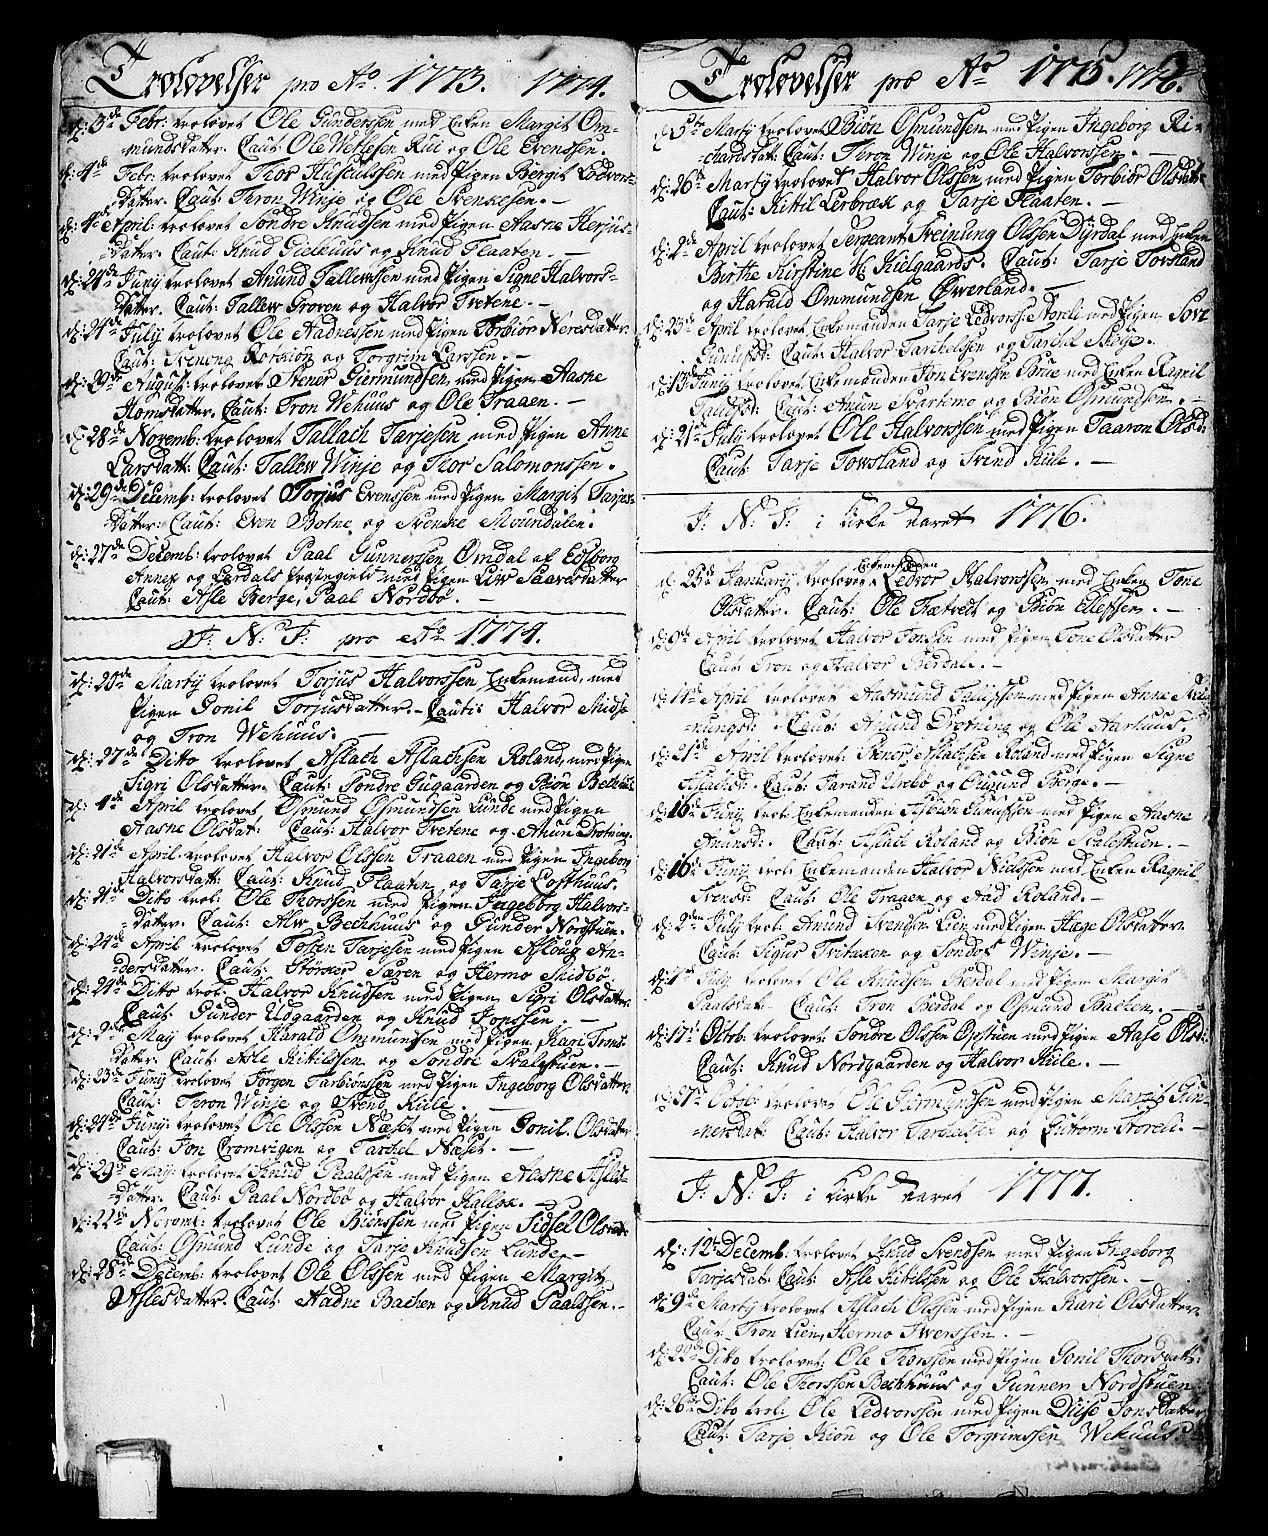 SAKO, Vinje kirkebøker, F/Fa/L0002: Ministerialbok nr. I 2, 1767-1814, s. 3